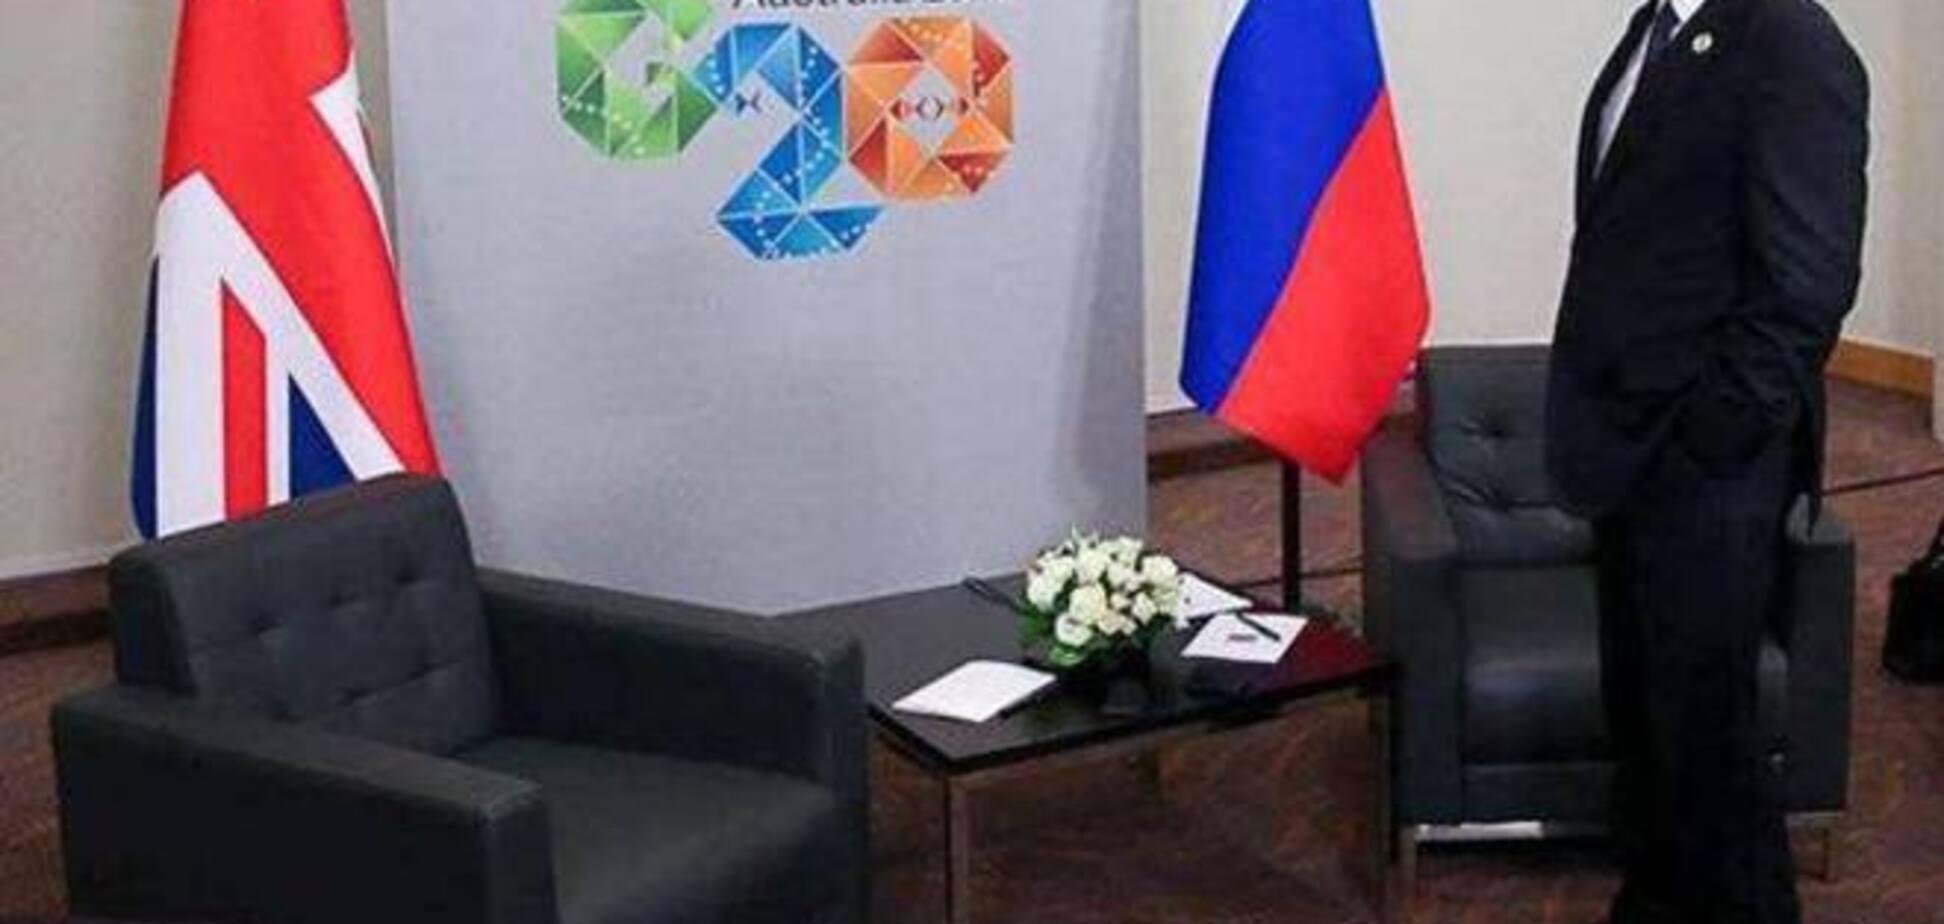 Визит на G-20 нанес Путину серьезный психо-эмоциональный удар